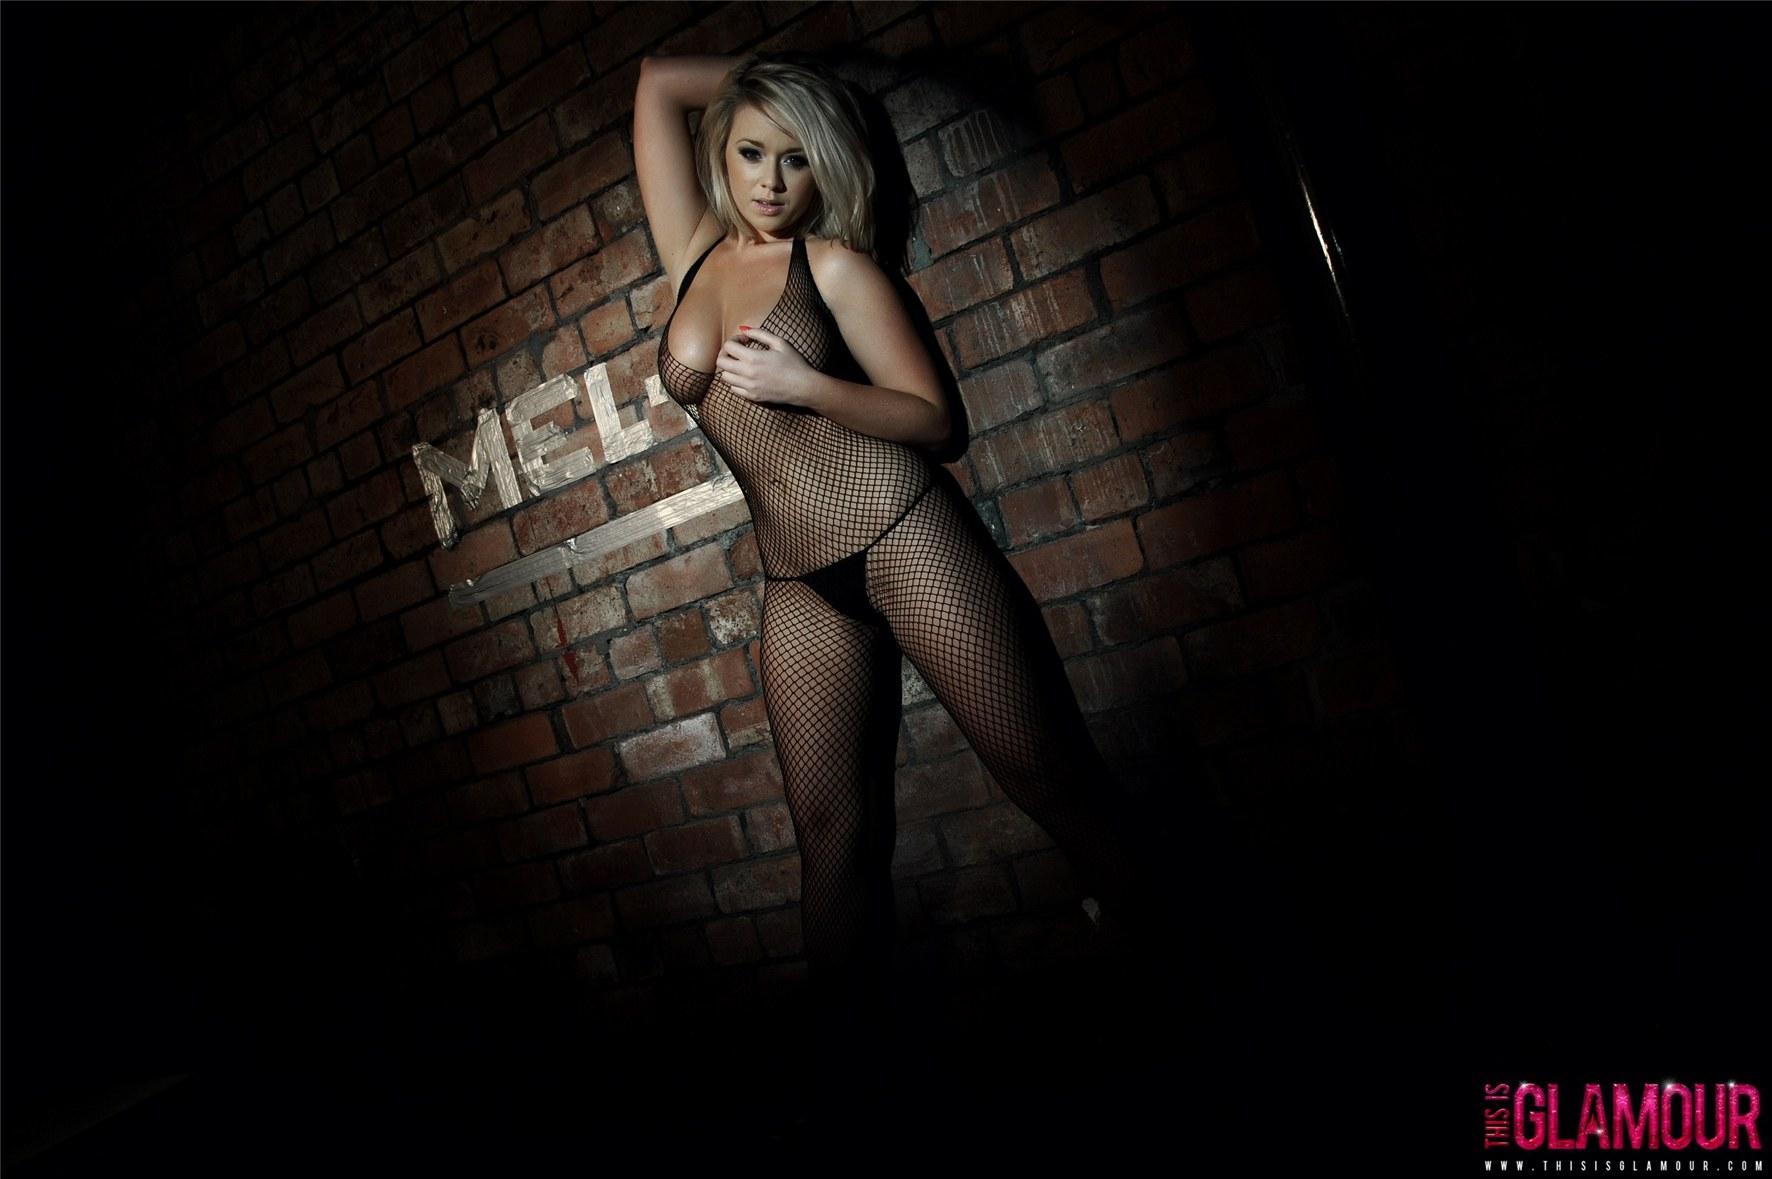 Melissa Debling / голая Мелисса Диблинг поймана рыбацкой сетью